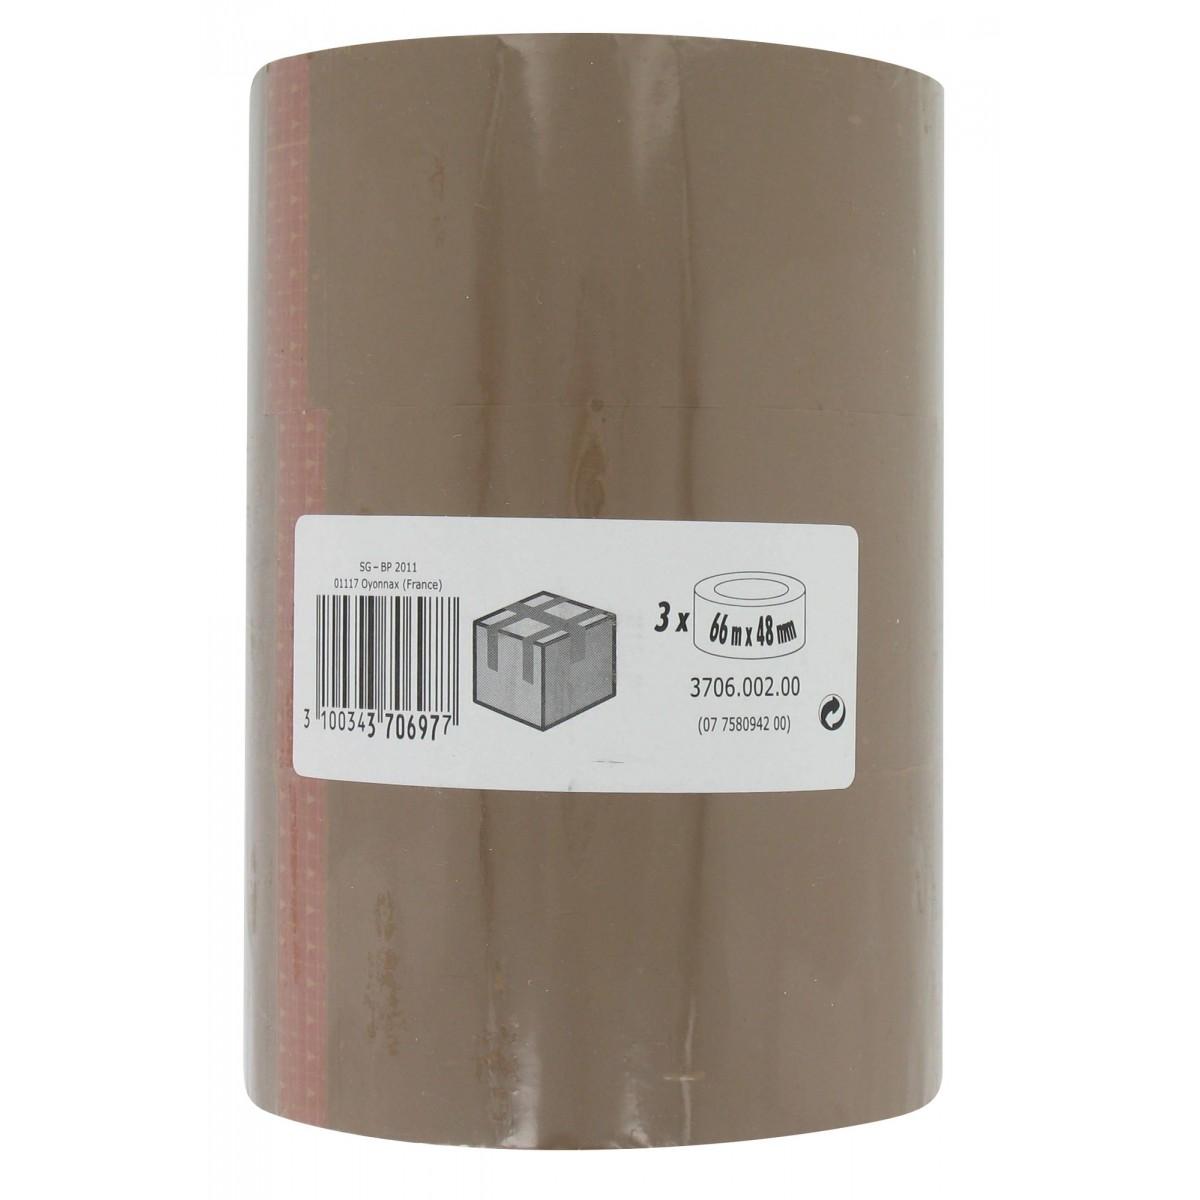 Adhésif emballage Gpi - Longueur 66 m - Largeur 48 mm - 3 rouleaux